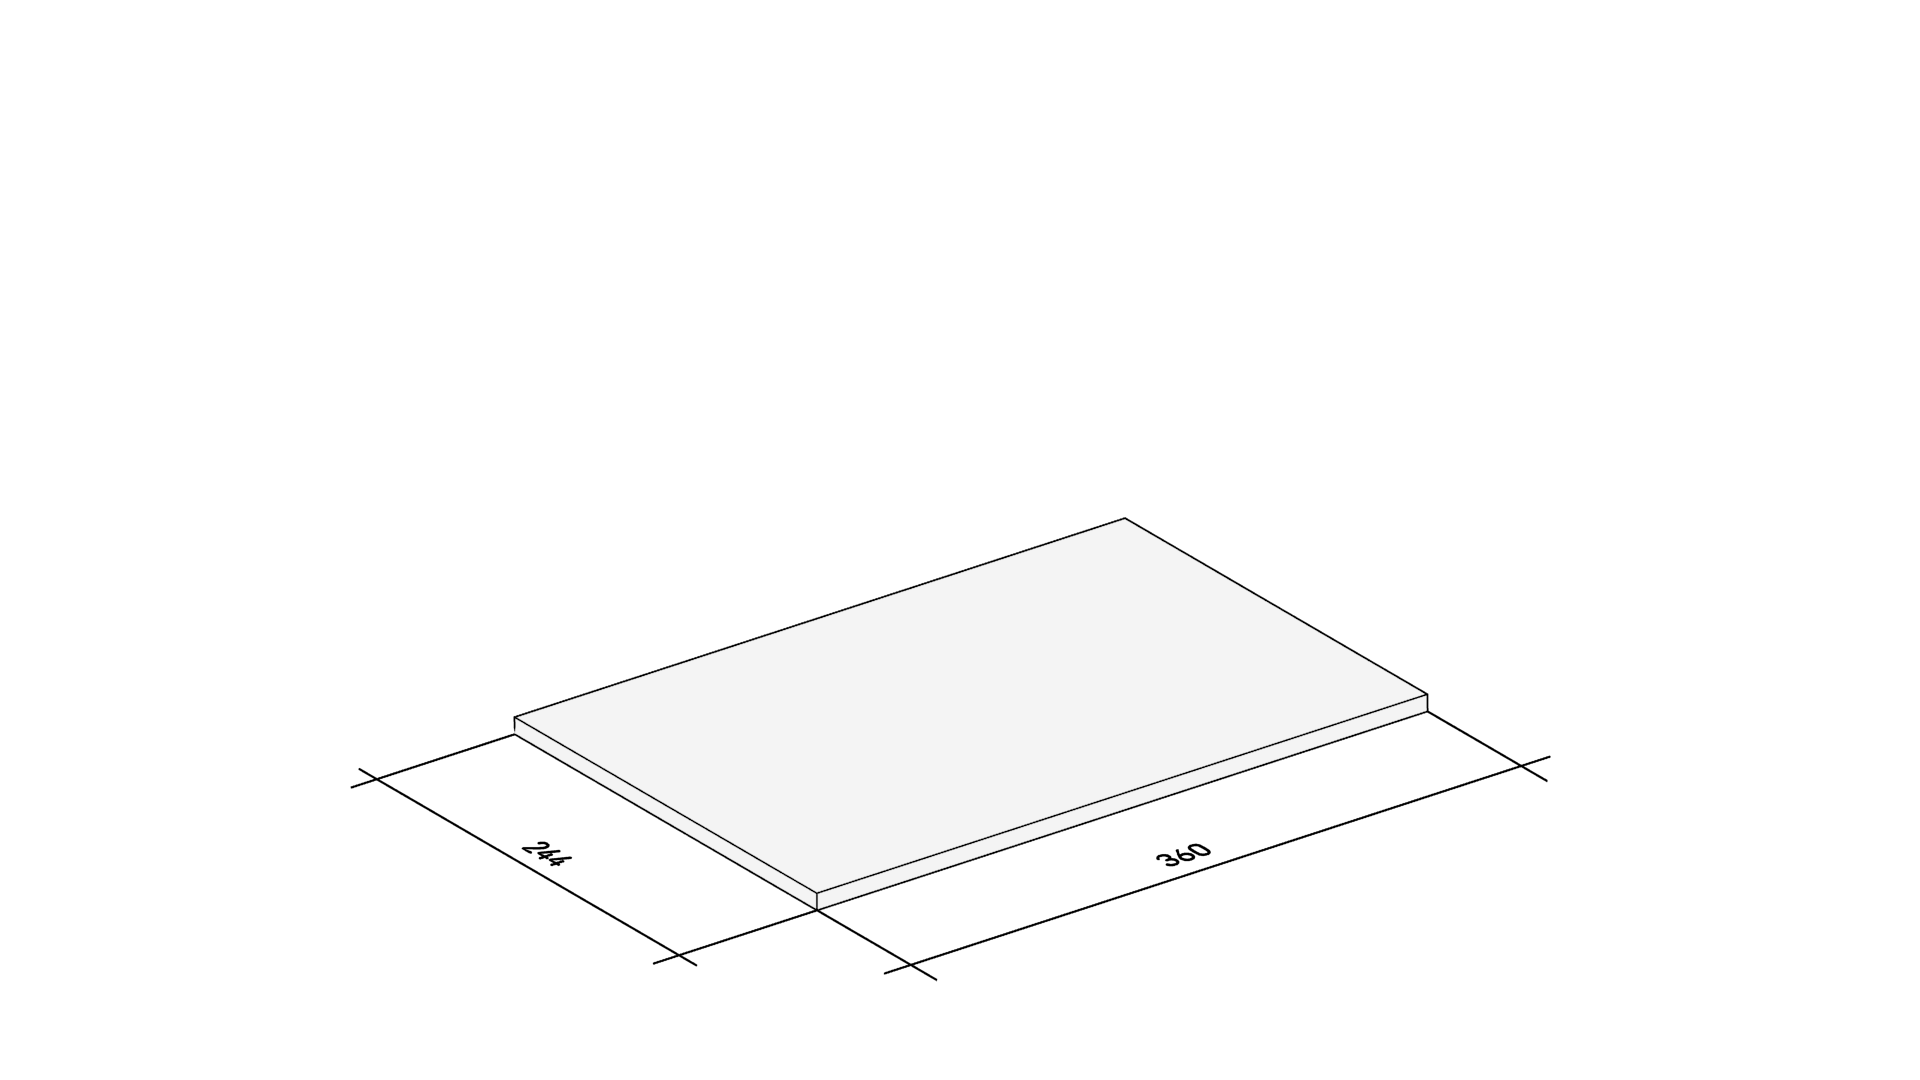 minicase/blueprints/minicase_B.png